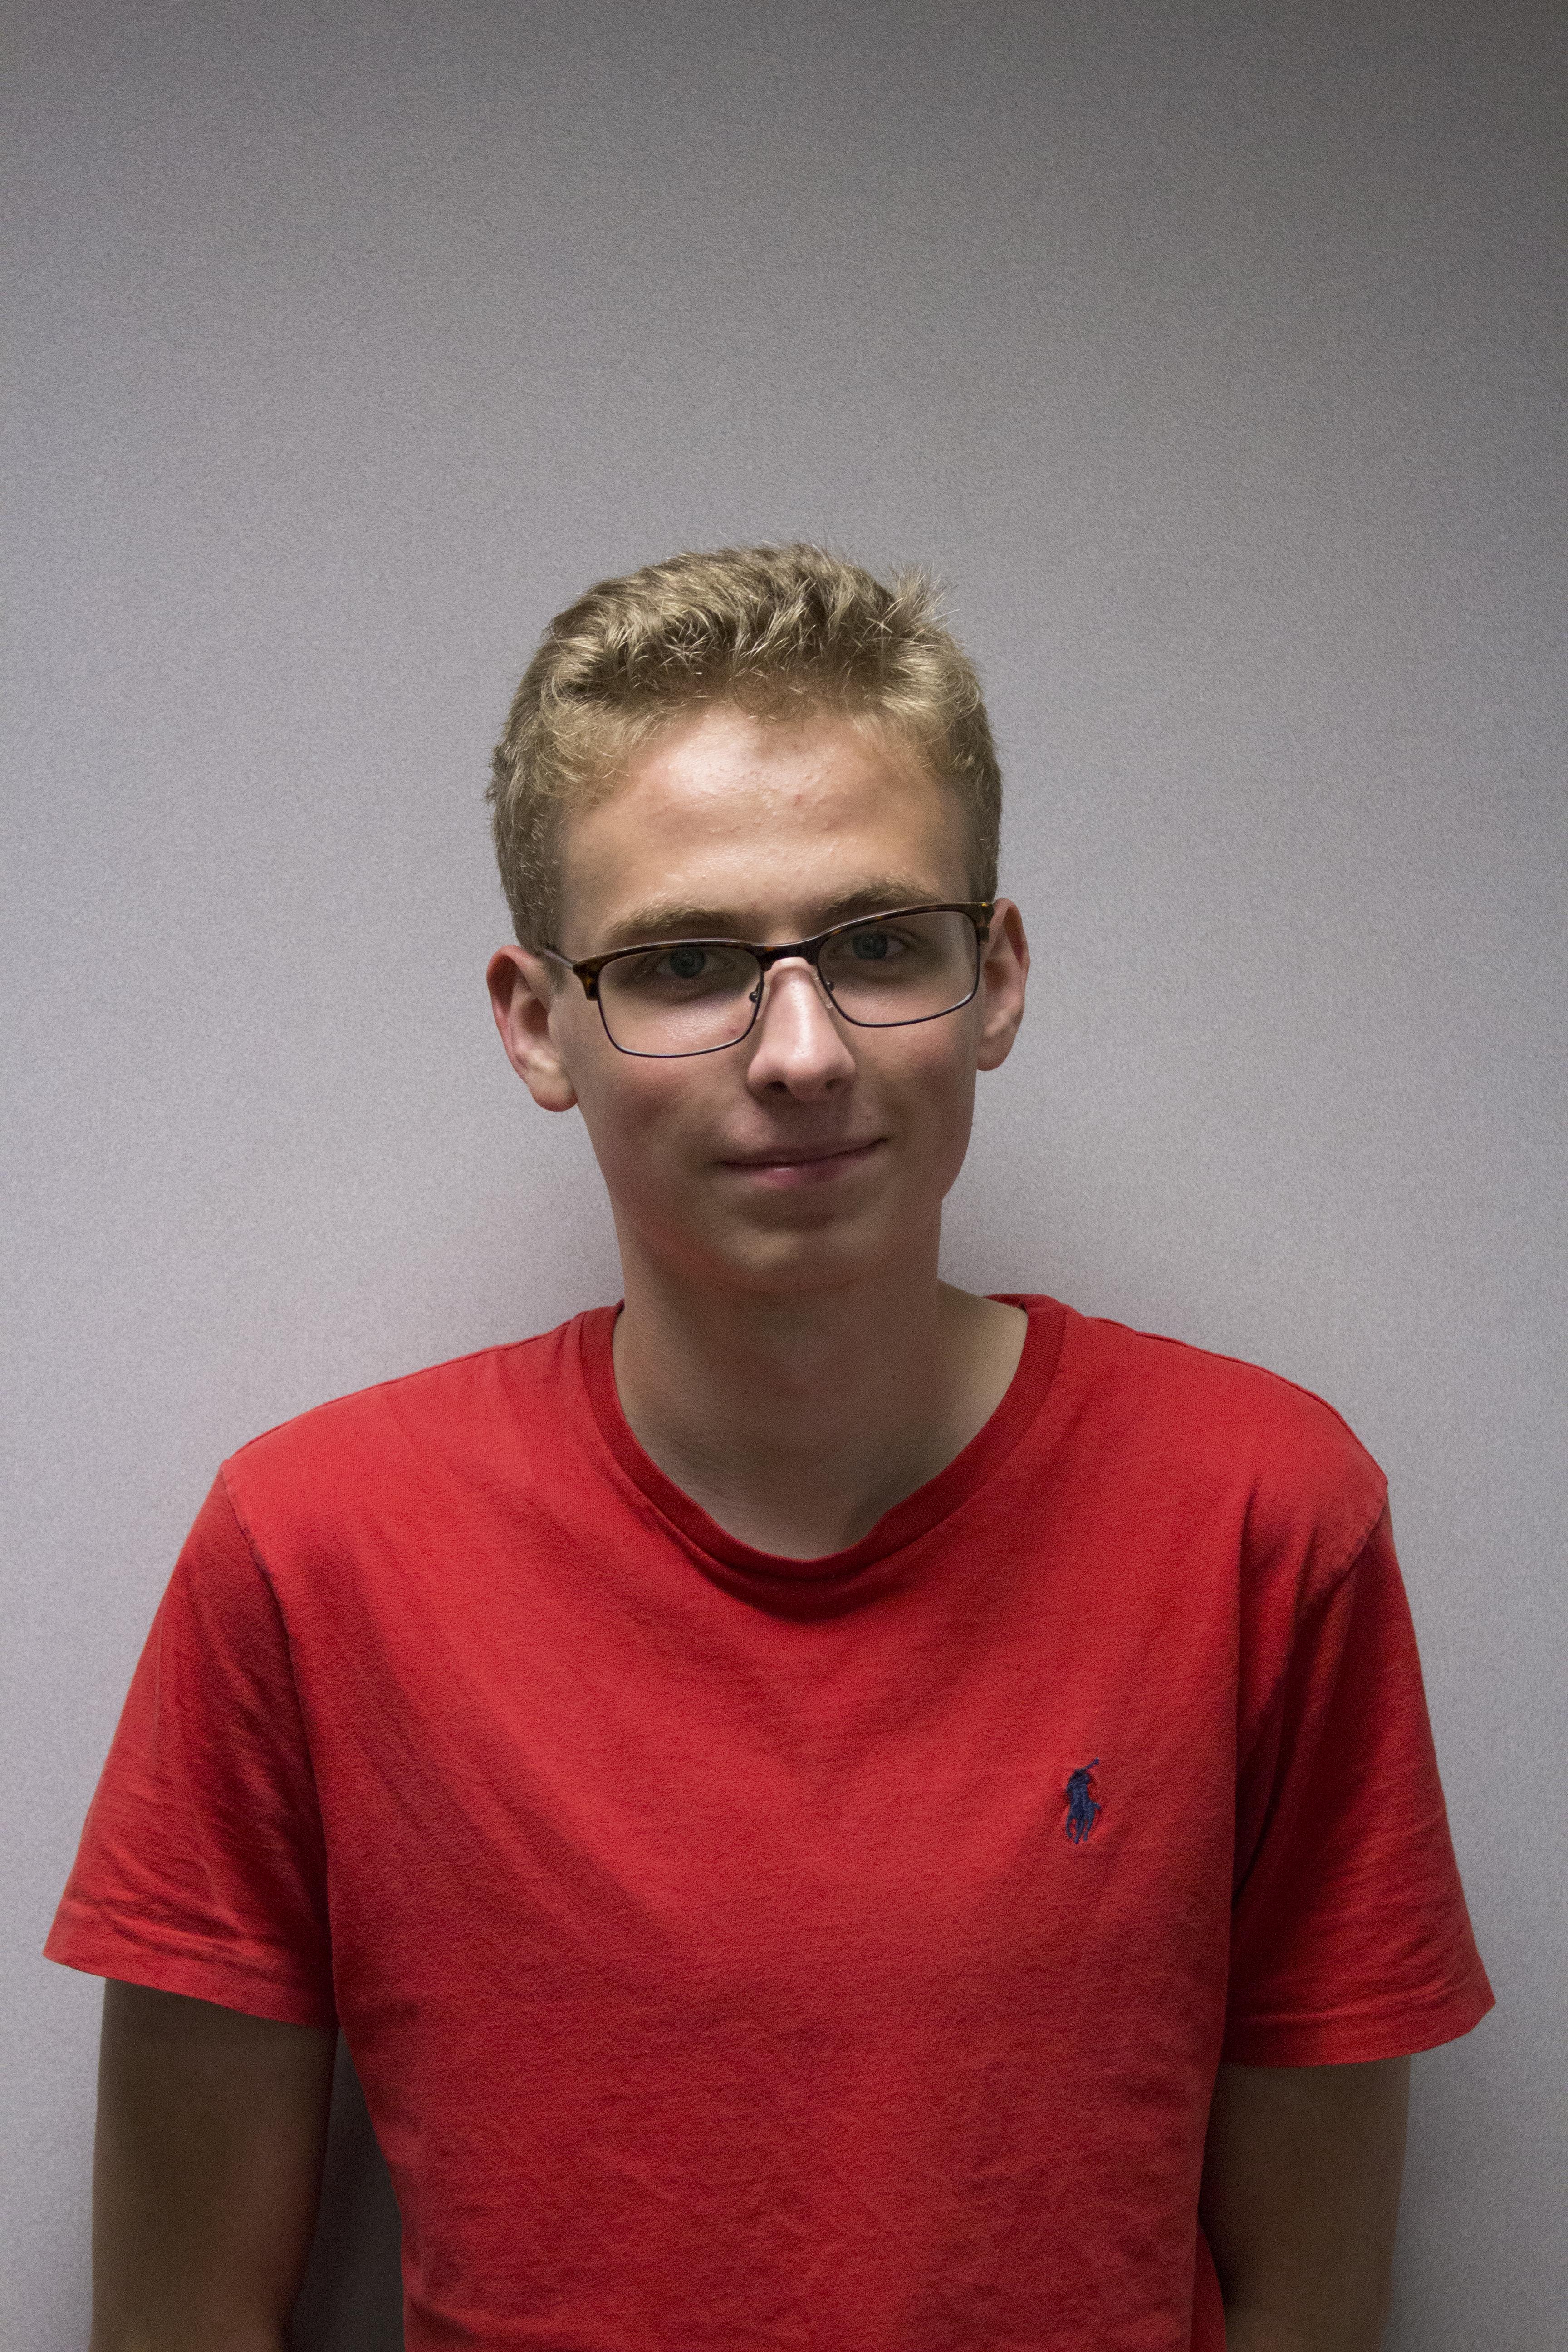 Meet Garrett Speller